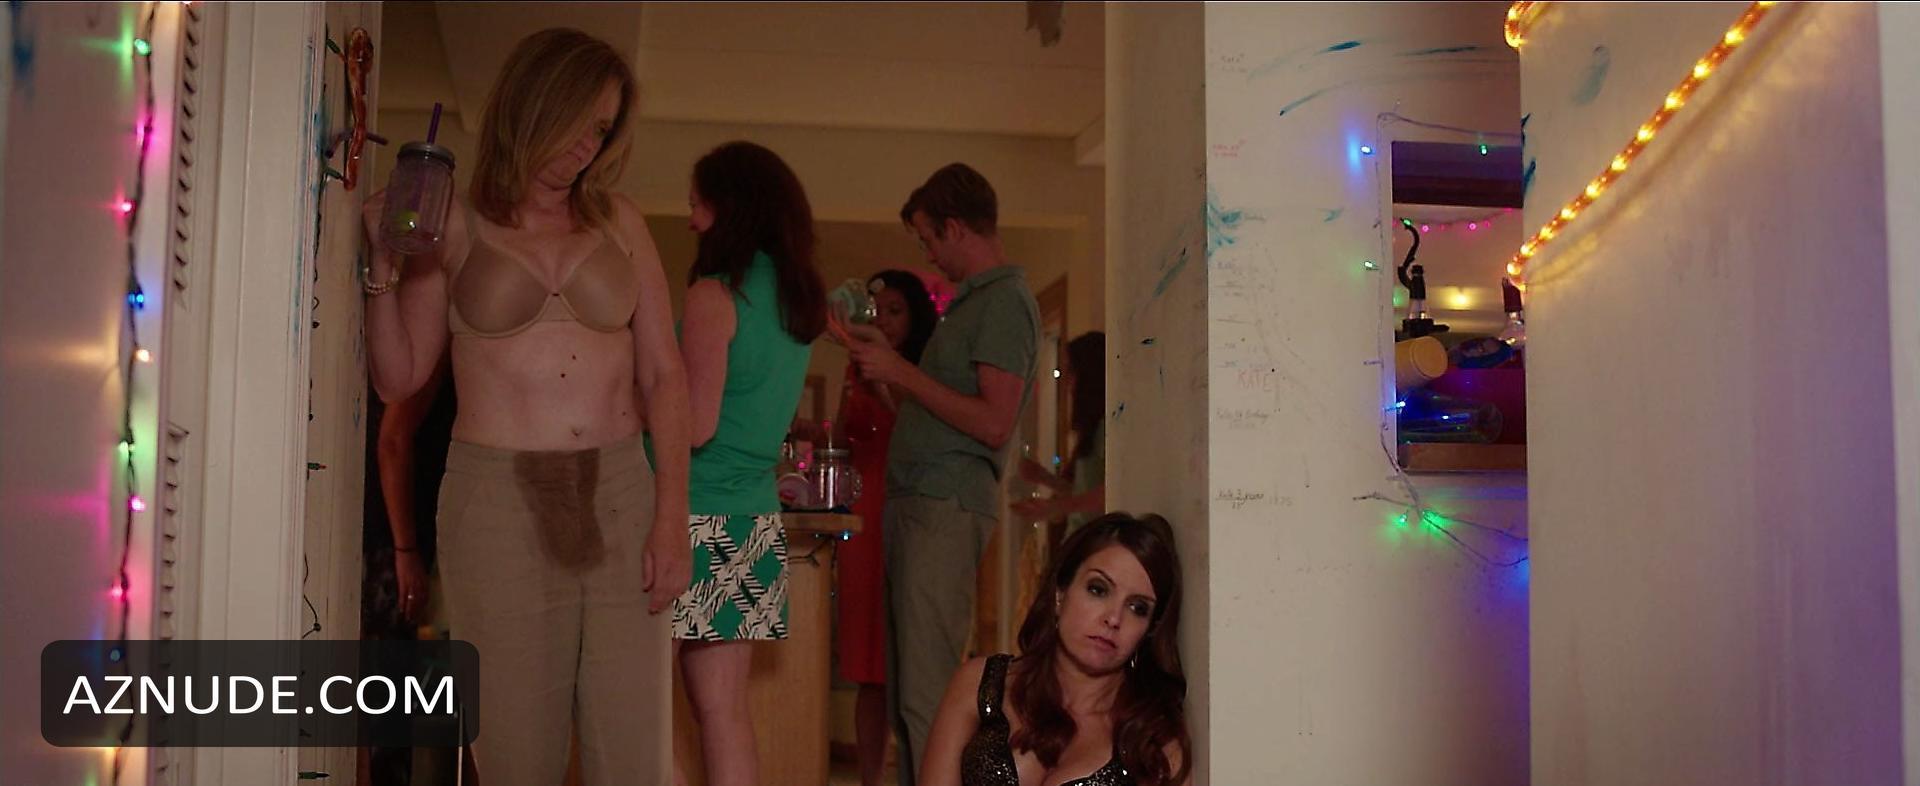 Amy poehler naked fakes, lady gets naked